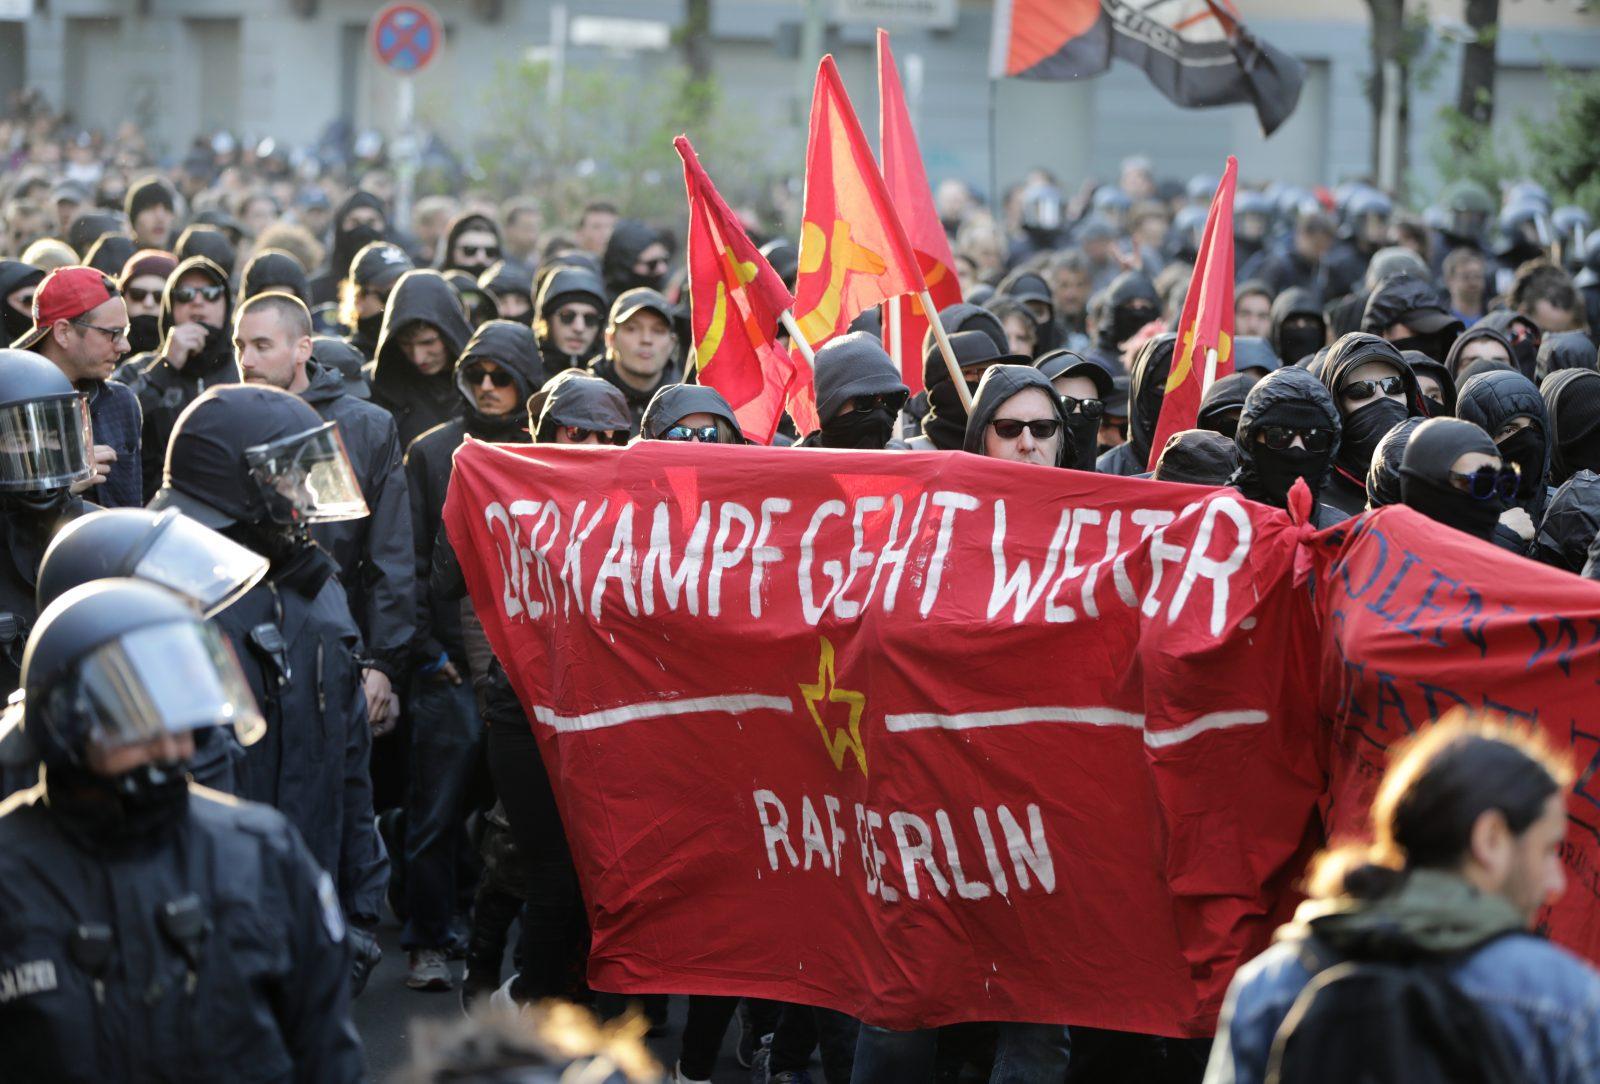 """Linksextreme mit """"RAF Berlin"""" Banner: Sympathien für die Terrorgruppe Rote Armee Fraktion Foto: picture alliance/Kay Nietfeld/dpa"""